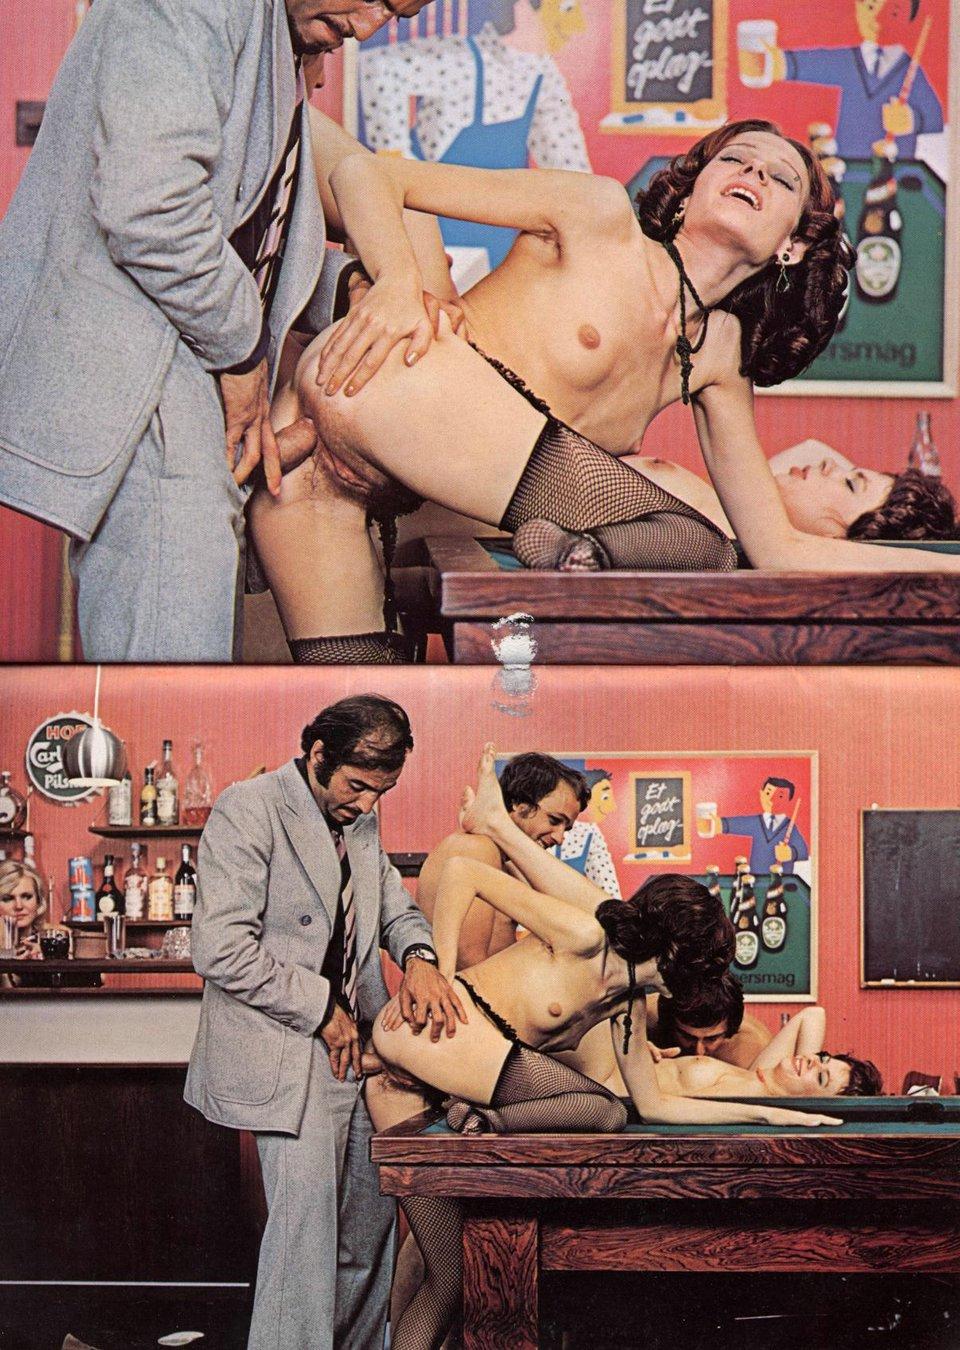 ретро фильм св название есть пионер порно